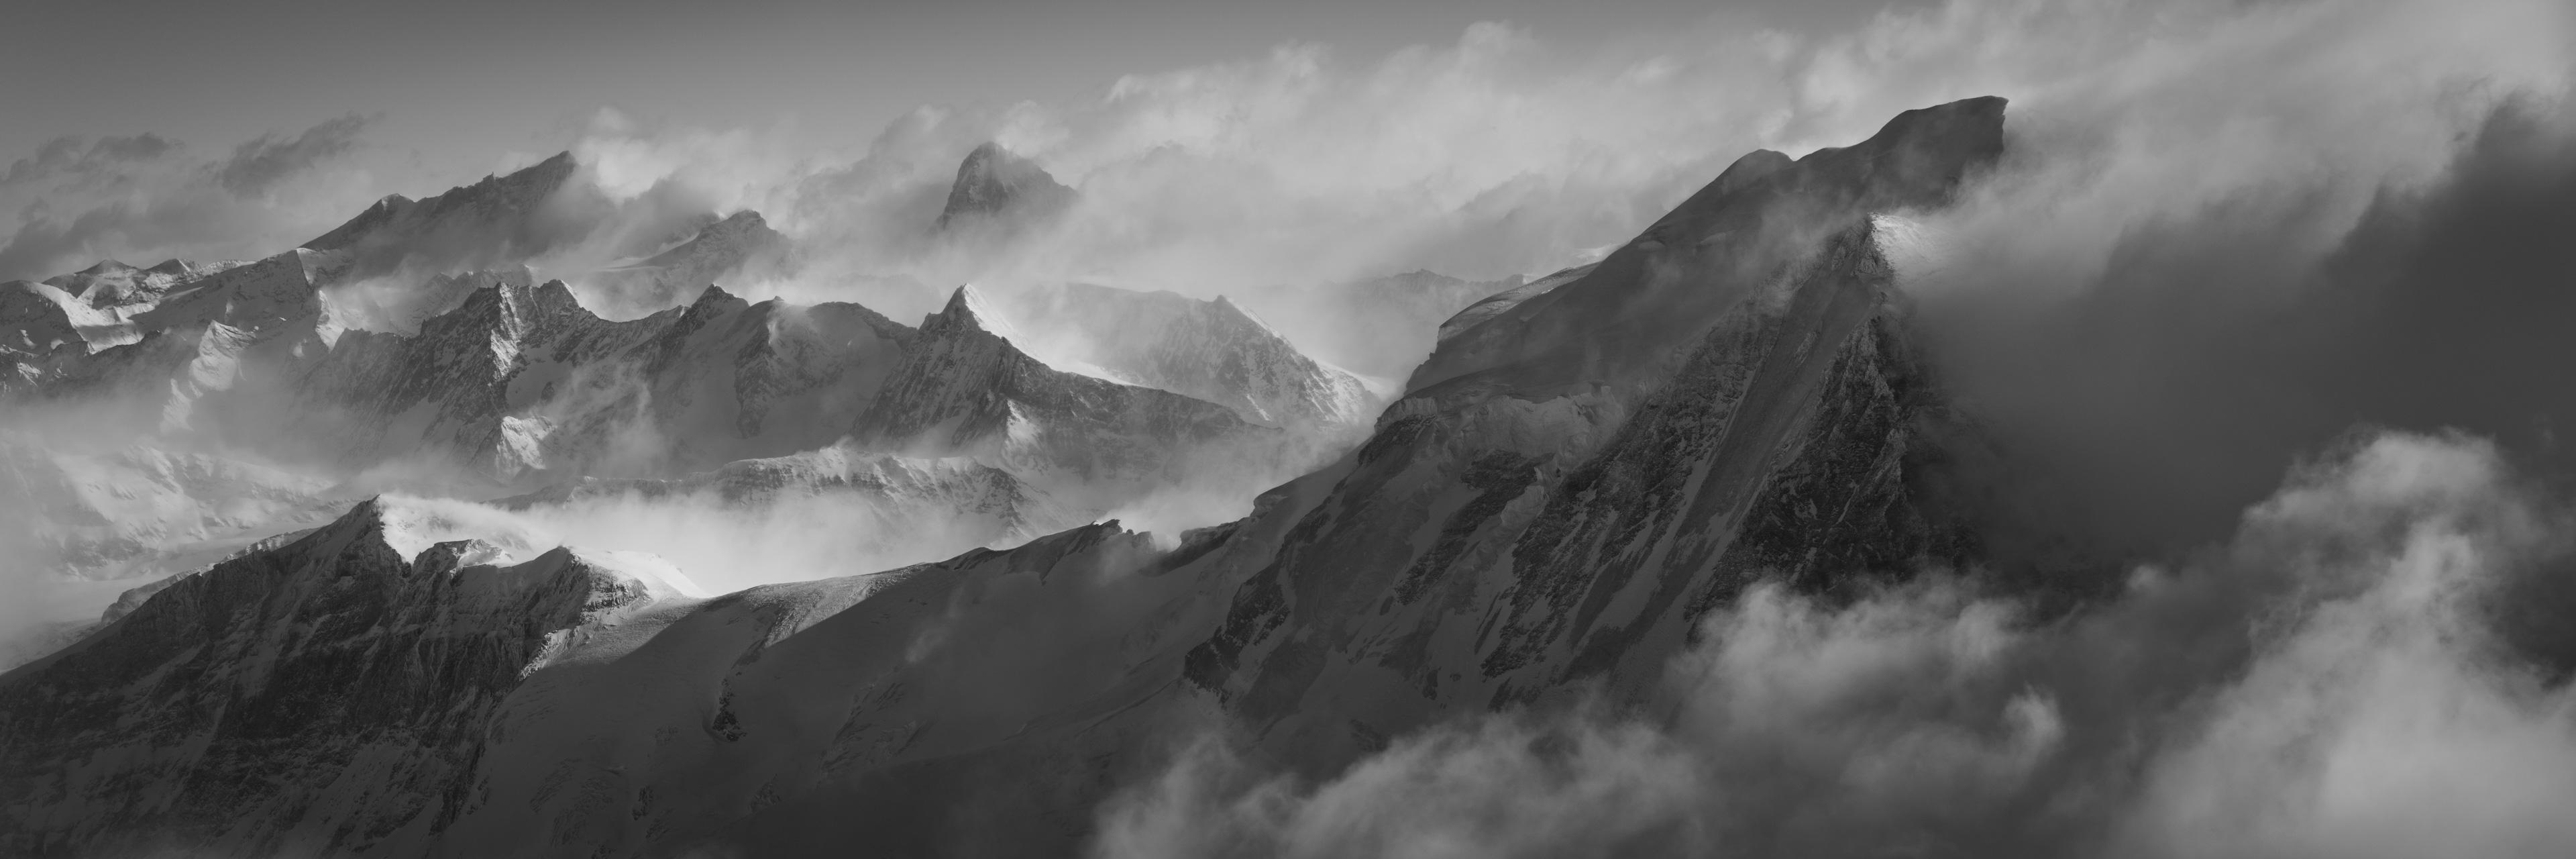 Panorama montagne Grand Combin - tableau photo noir et blanc montagne des Alpes Valaisannes